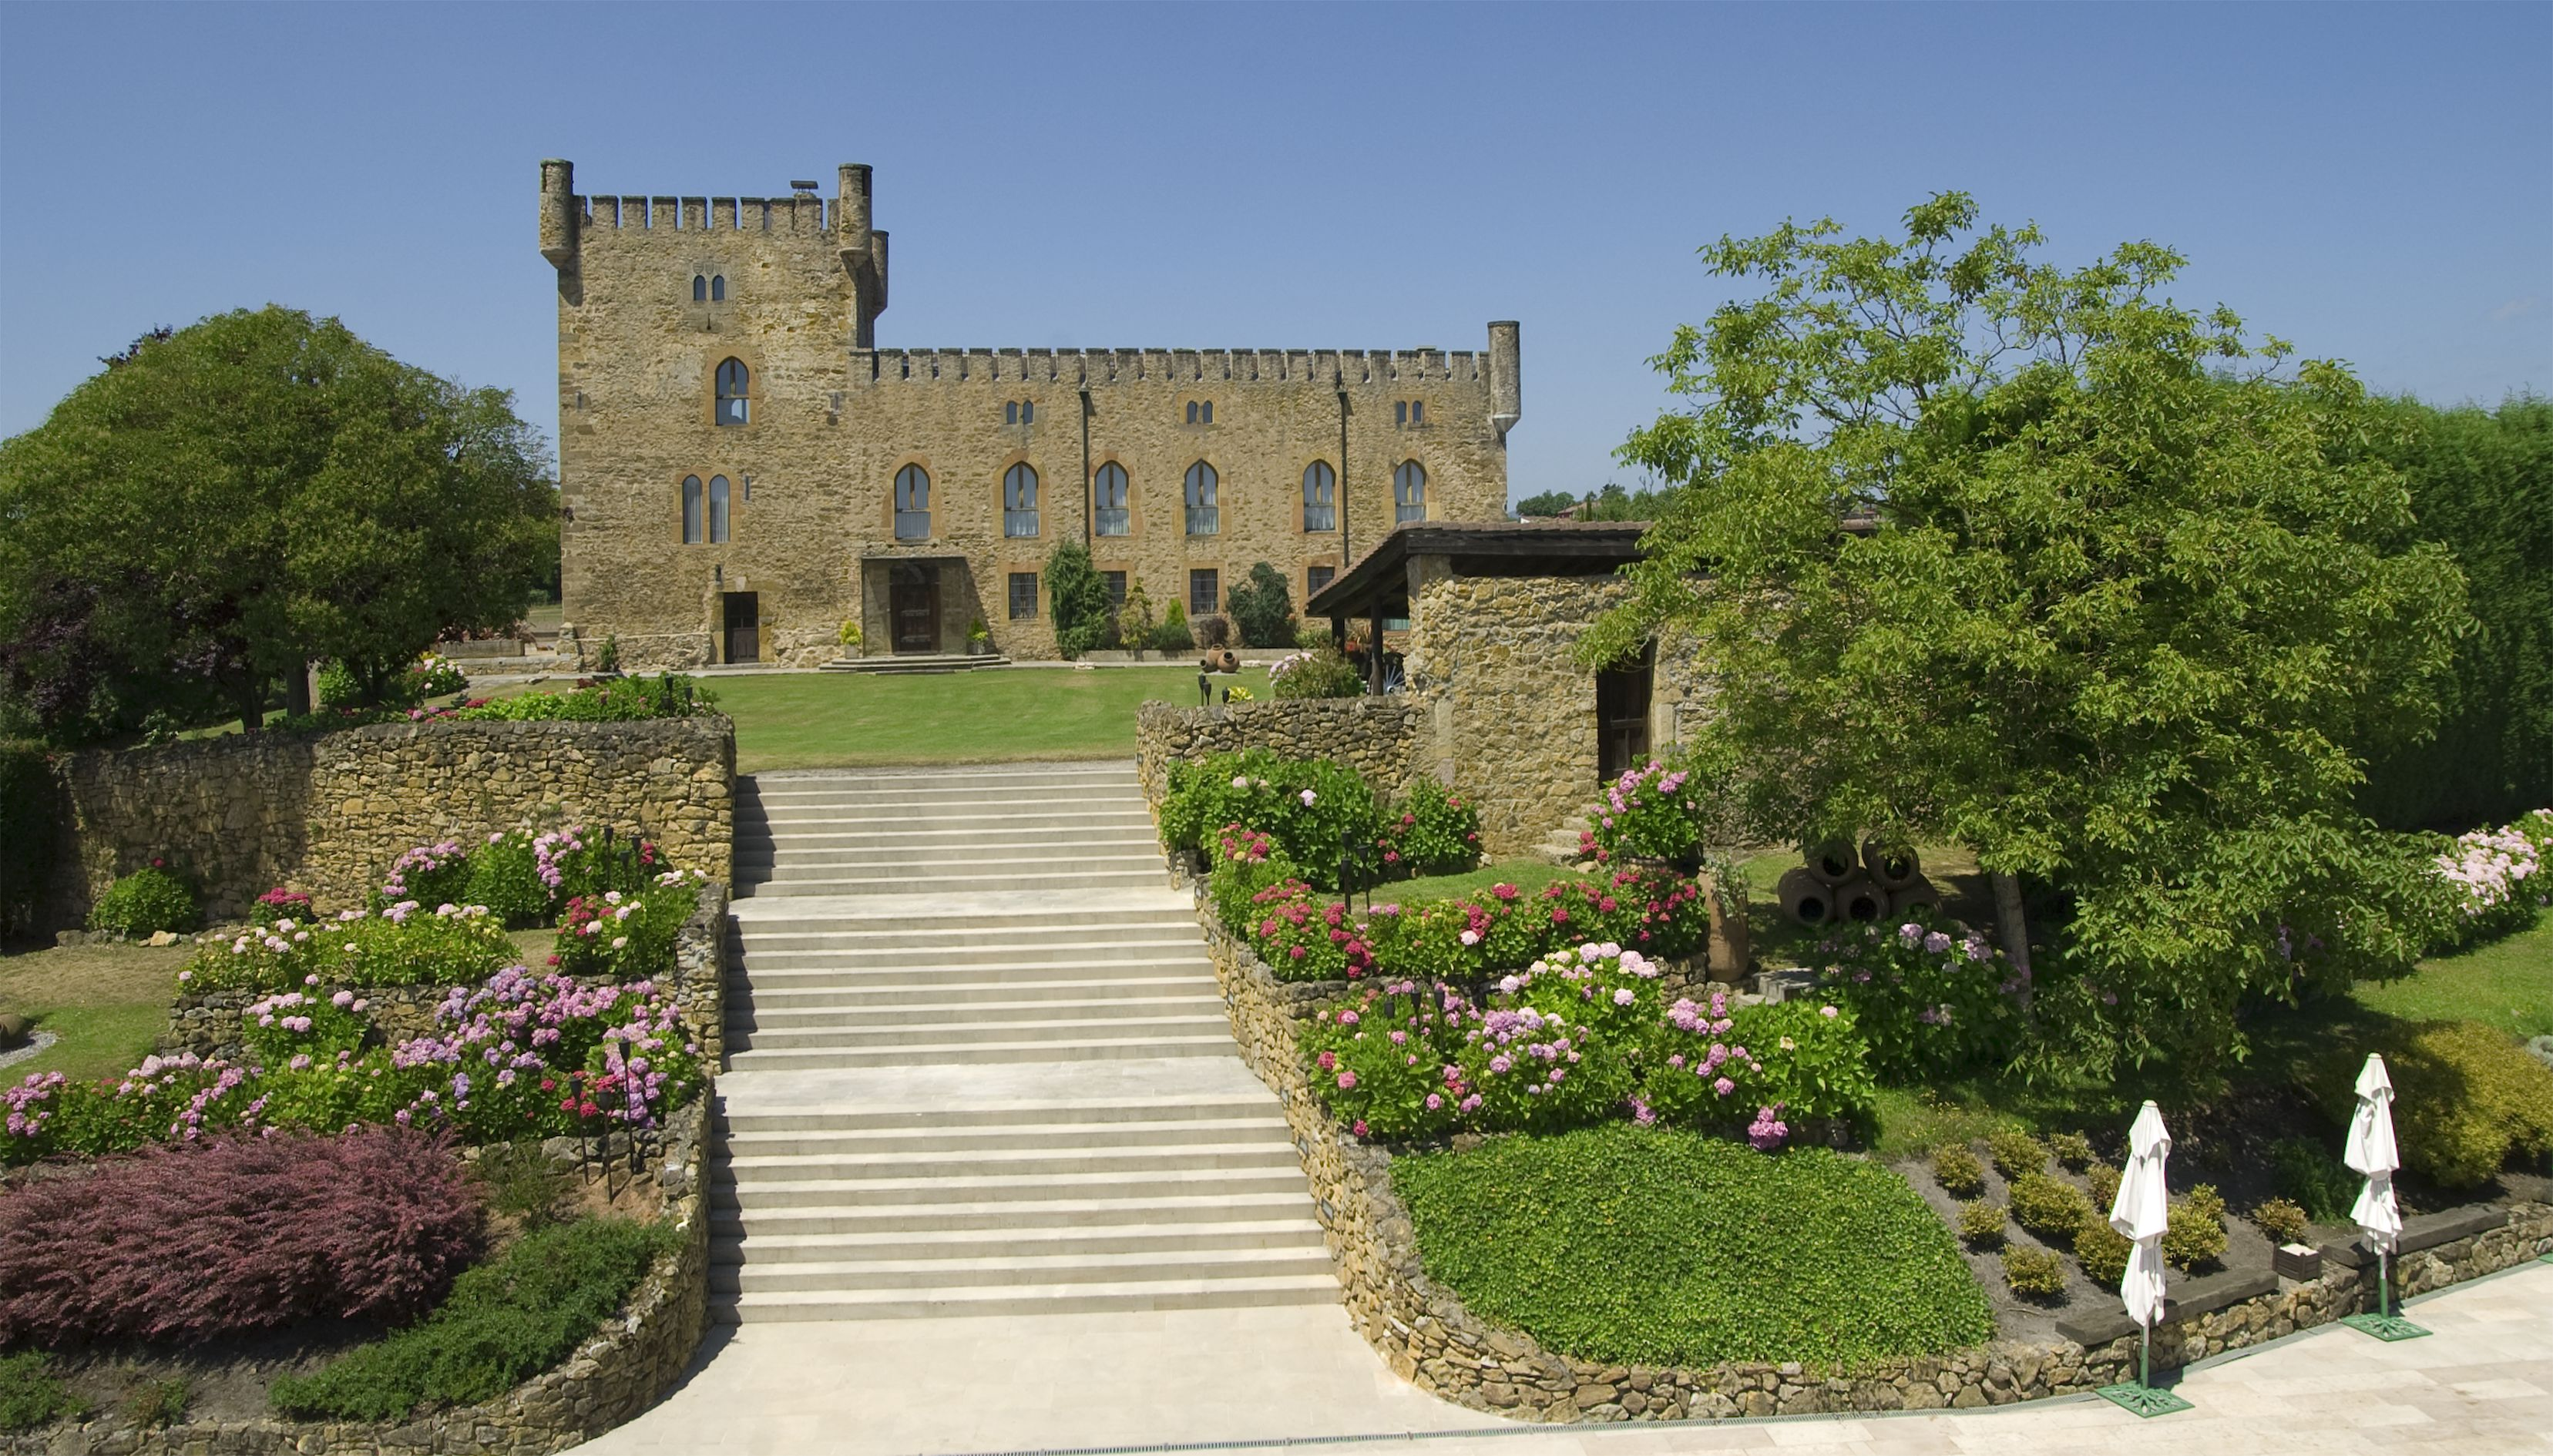 Escalinata principal desde el salón del banquete hasta el Castillo